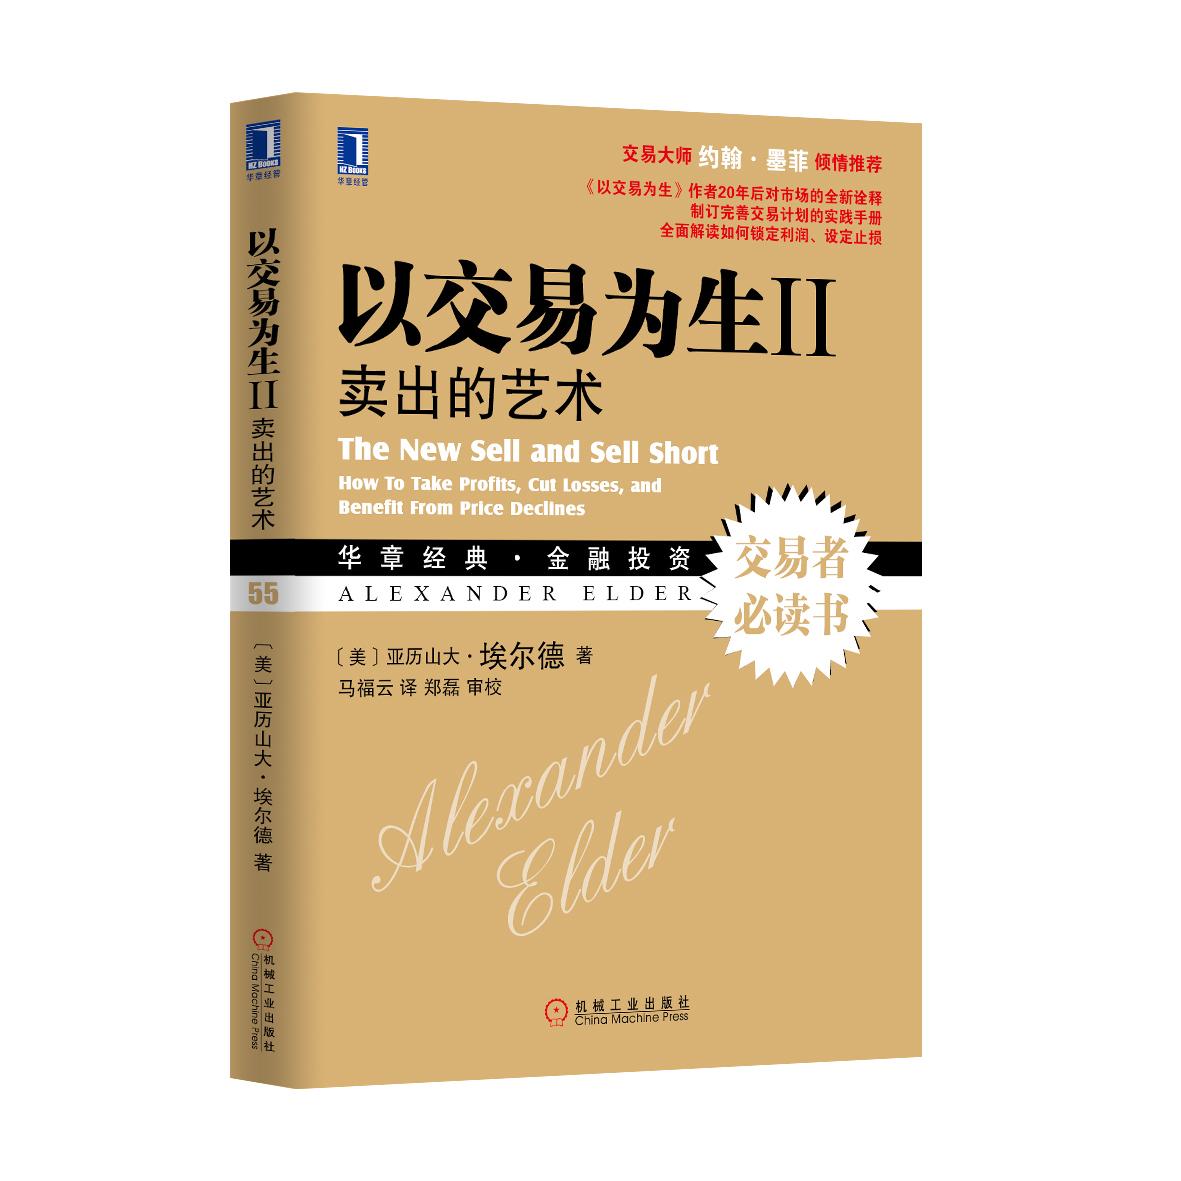 正版 以交易为生II:卖出的艺术 金融投资/以交易为生2/期货/期权/投资书 书籍 商城